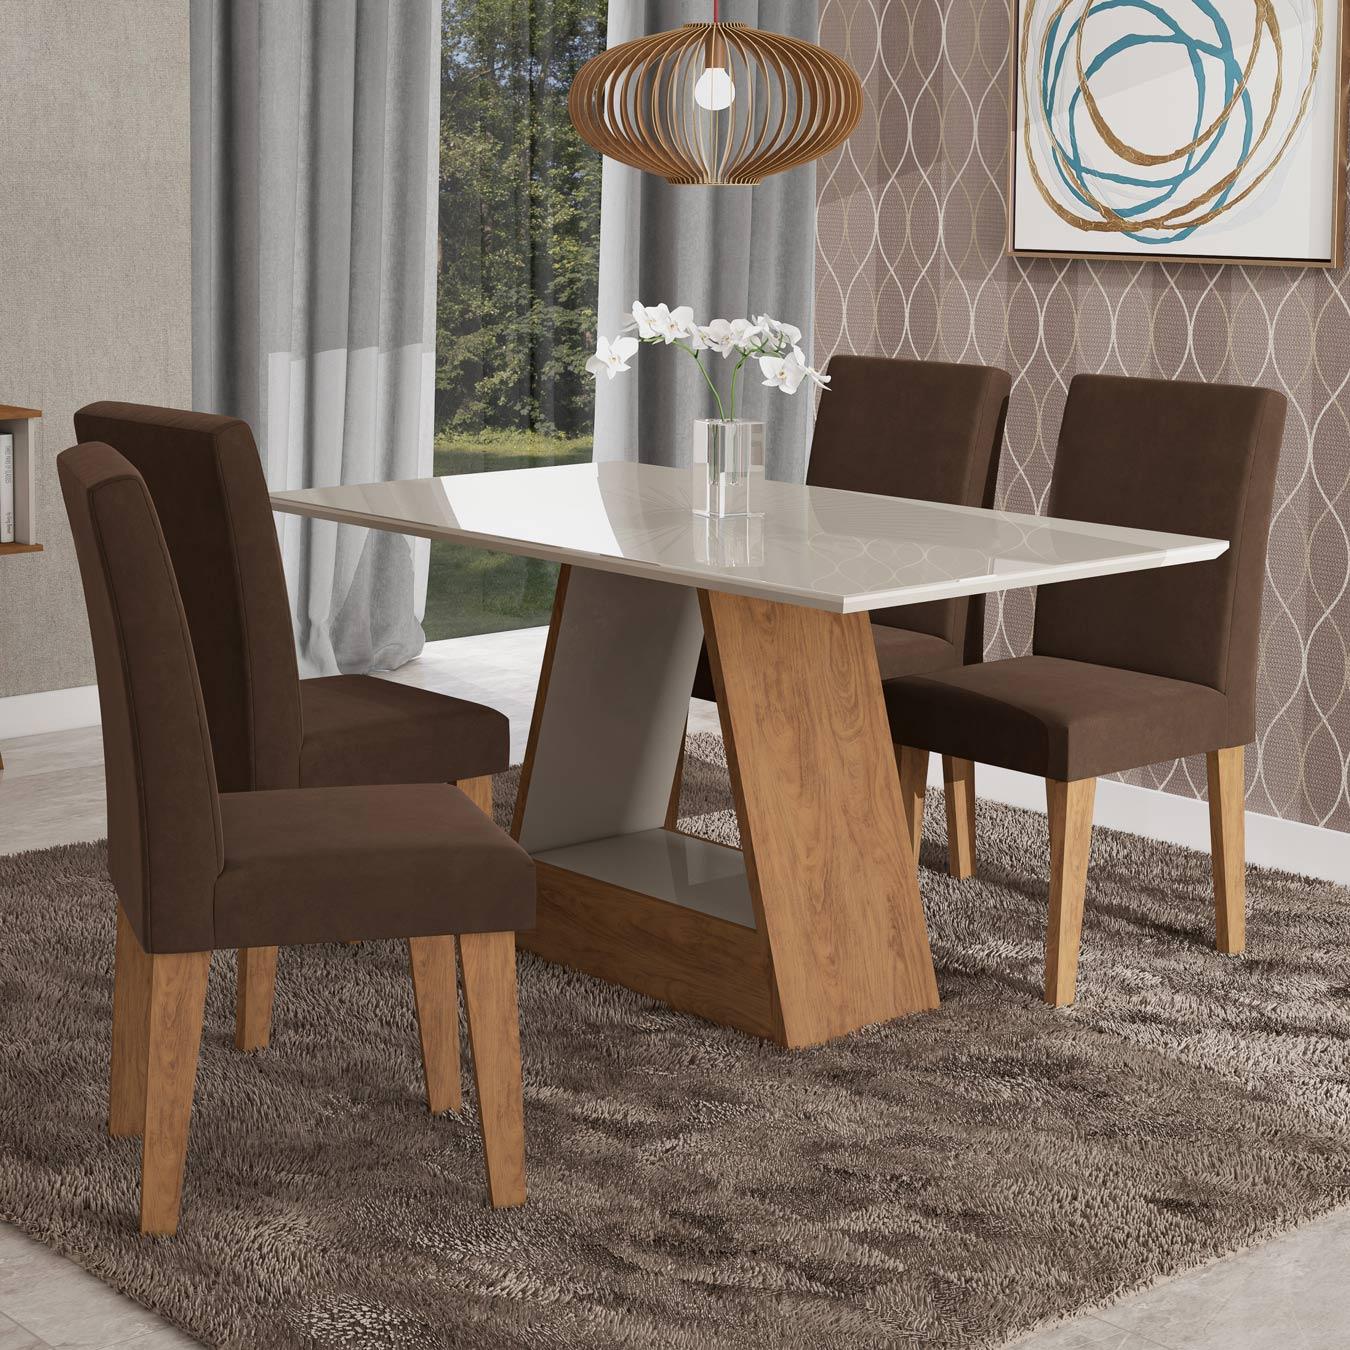 Mesa para Sala de Jantar Alana 130 x 80 cm e 4 Cadeiras Milena Cimol Savana/Off White/Chocolate